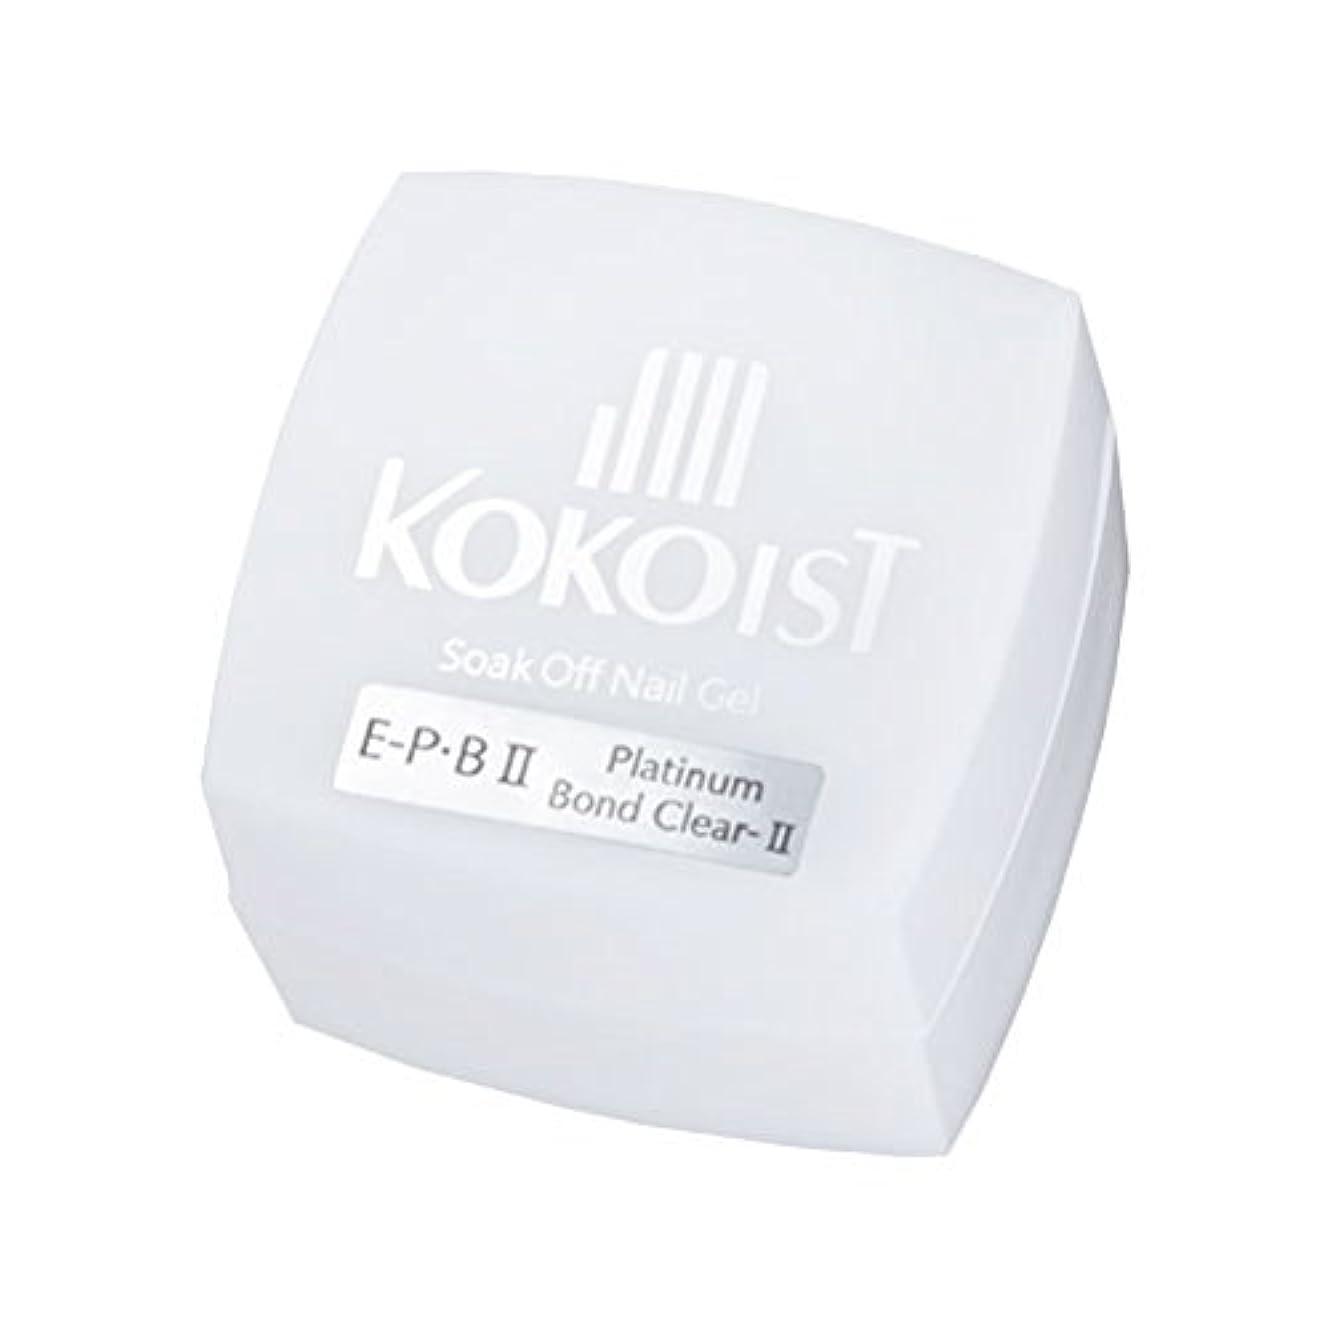 小間雰囲気後継KOKOIST フ゜ラチナホ゛ント゛II 4g ジェル UV/LED対応